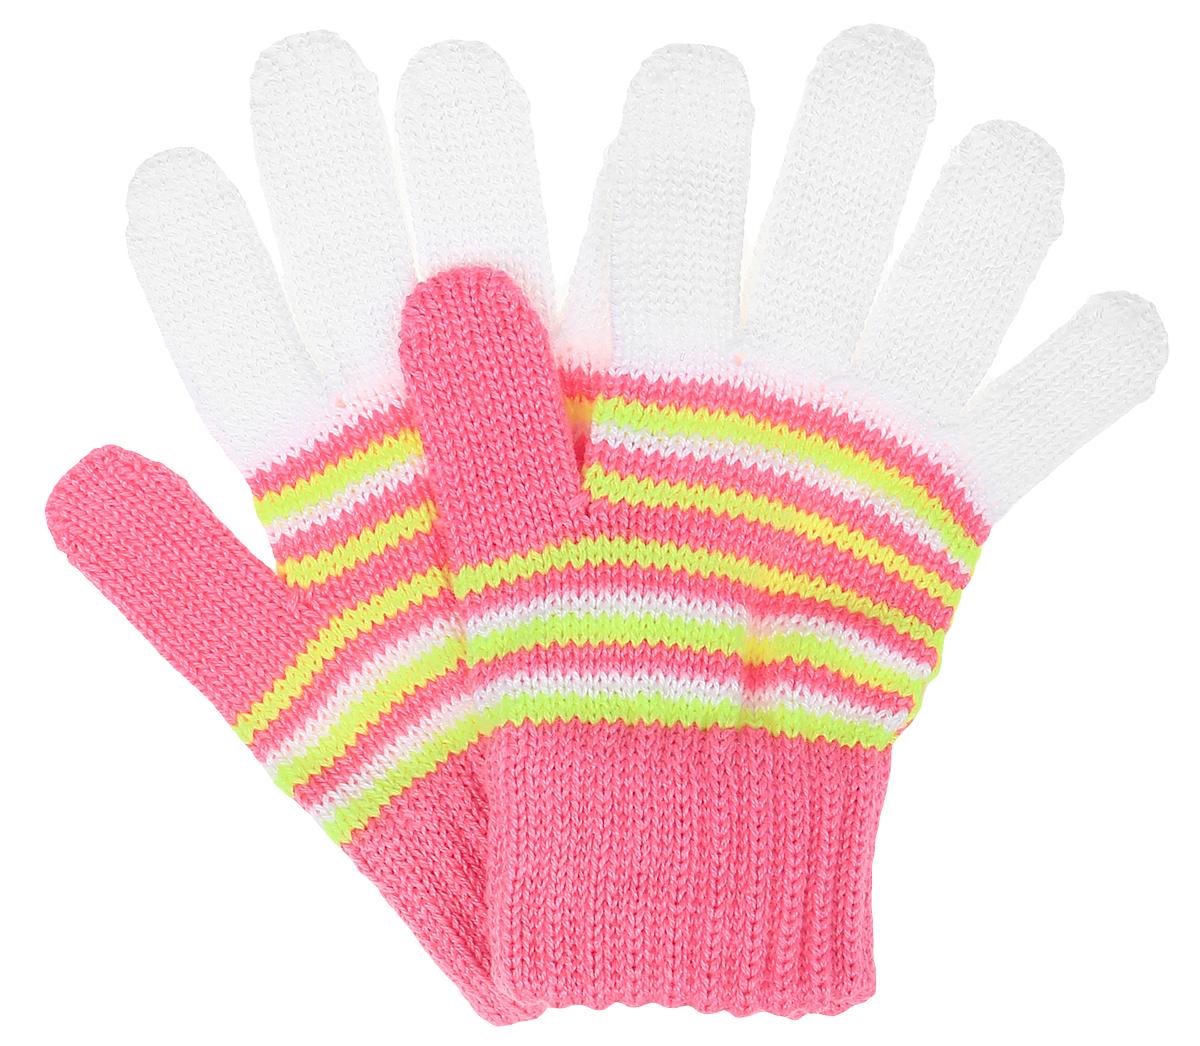 Gemma-22Перчатки для девочки Margot Bis выполнены из акрила и хлопка. Изделие оформлено ярким вязаным рисунком. Перчатки очень мягкие и приятные на ощупь, не раздражают кожу и хорошо сохраняют тепло. Верх модели на мягкой резинке, которая не стягивает запястья и надежно фиксирует перчатки на руках.